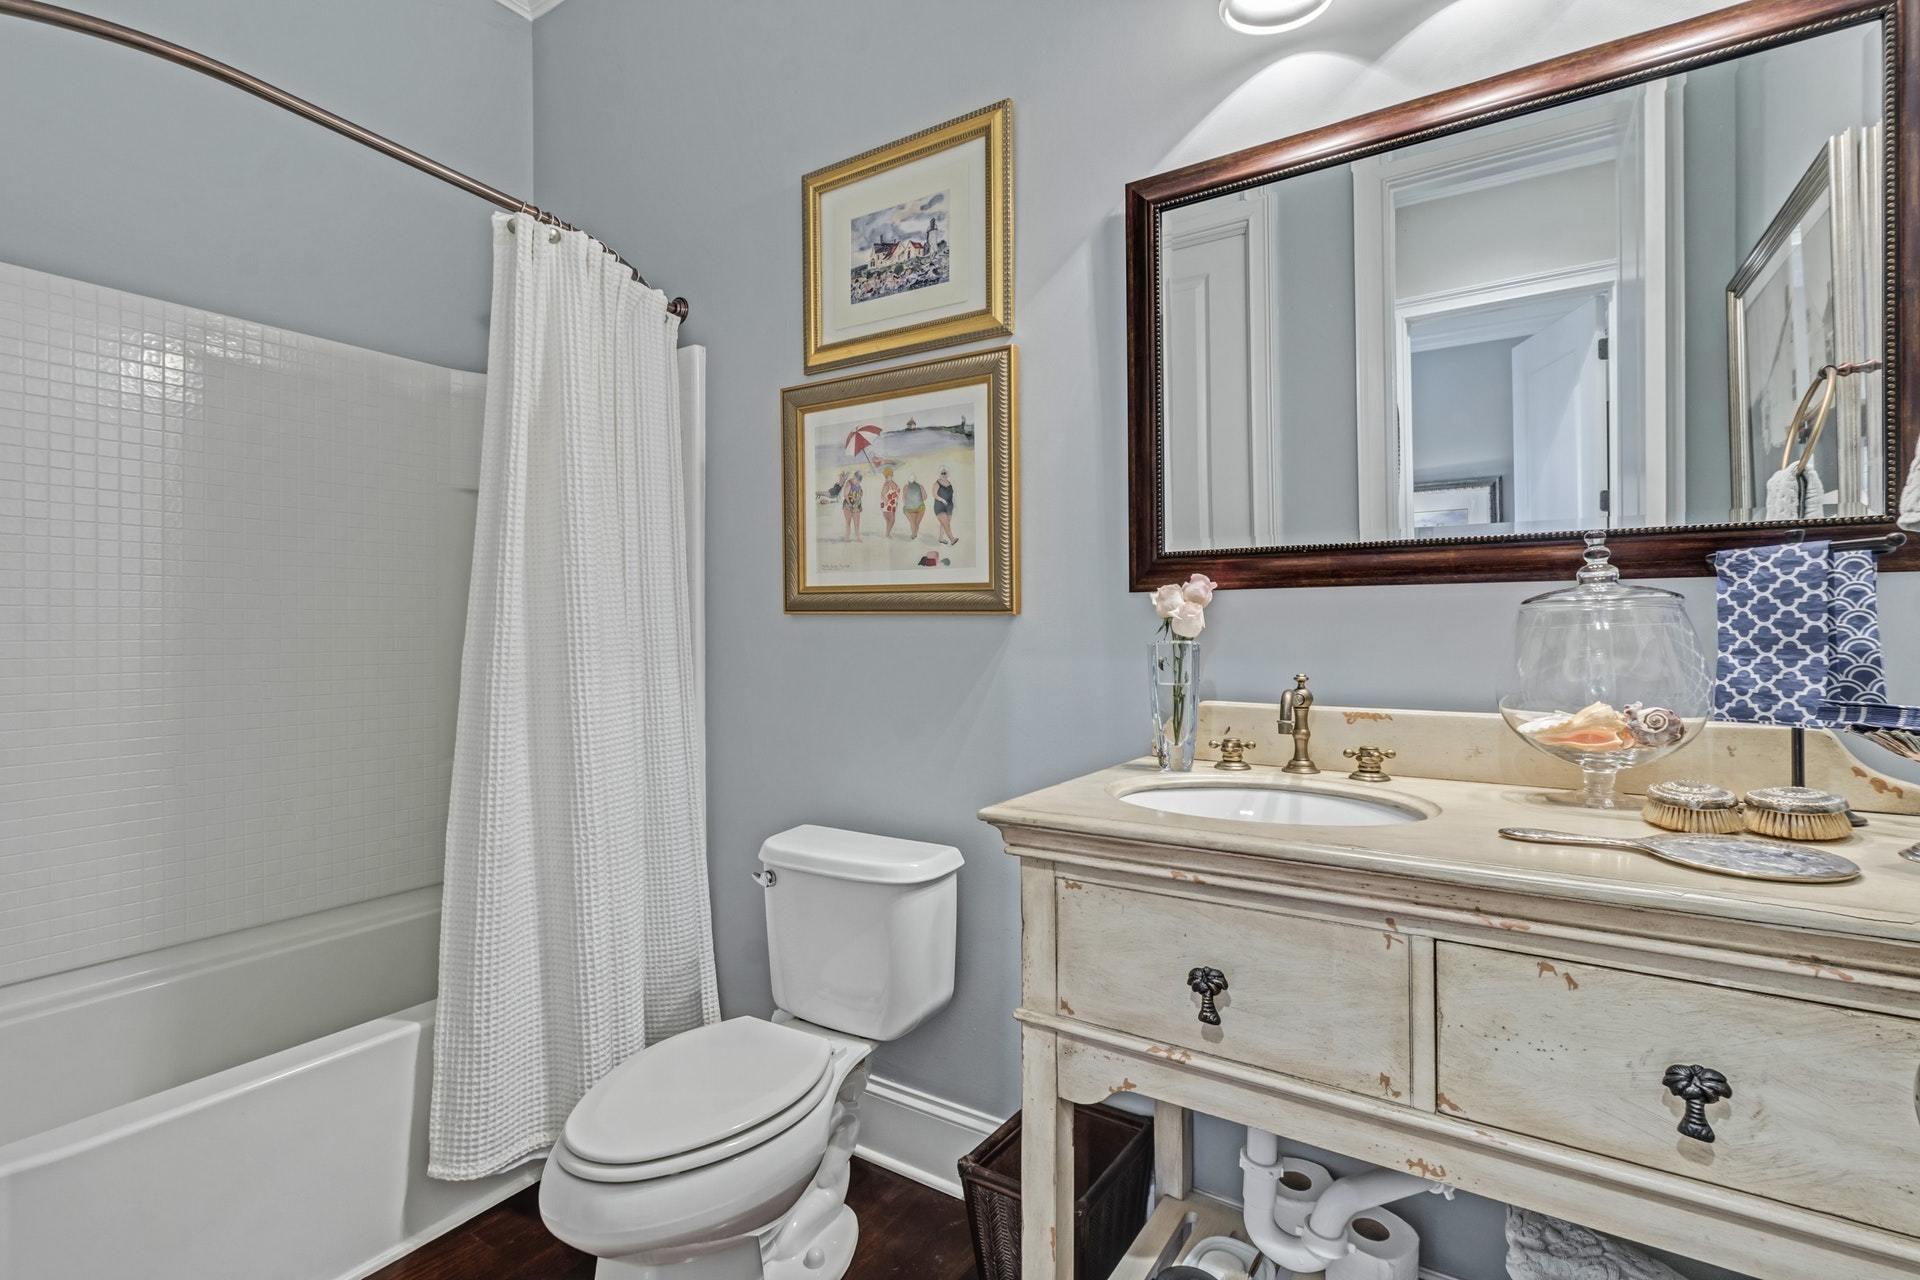 Dunes West Homes For Sale - 2816 River Vista, Mount Pleasant, SC - 49